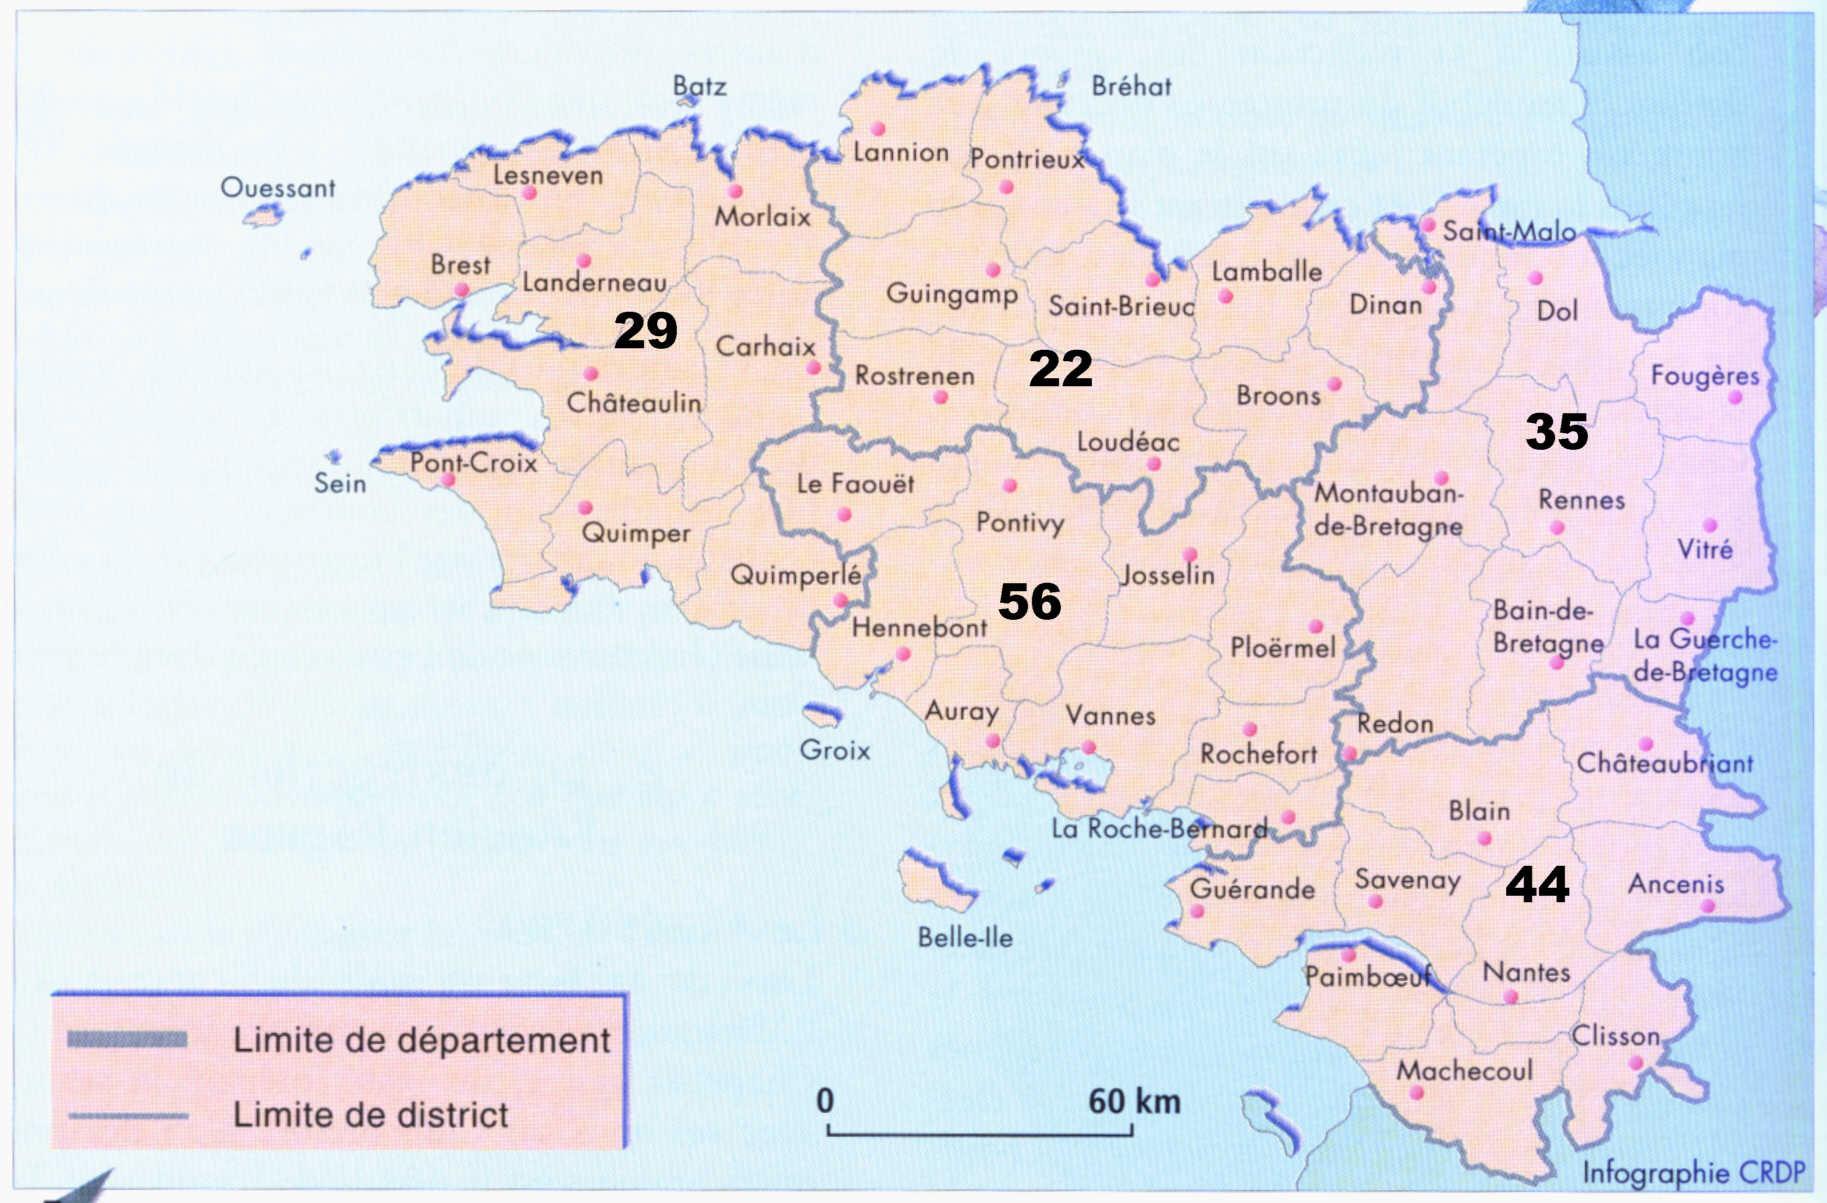 Carte de Bretagne avec villes principales - images et photos - Arts et Voyages